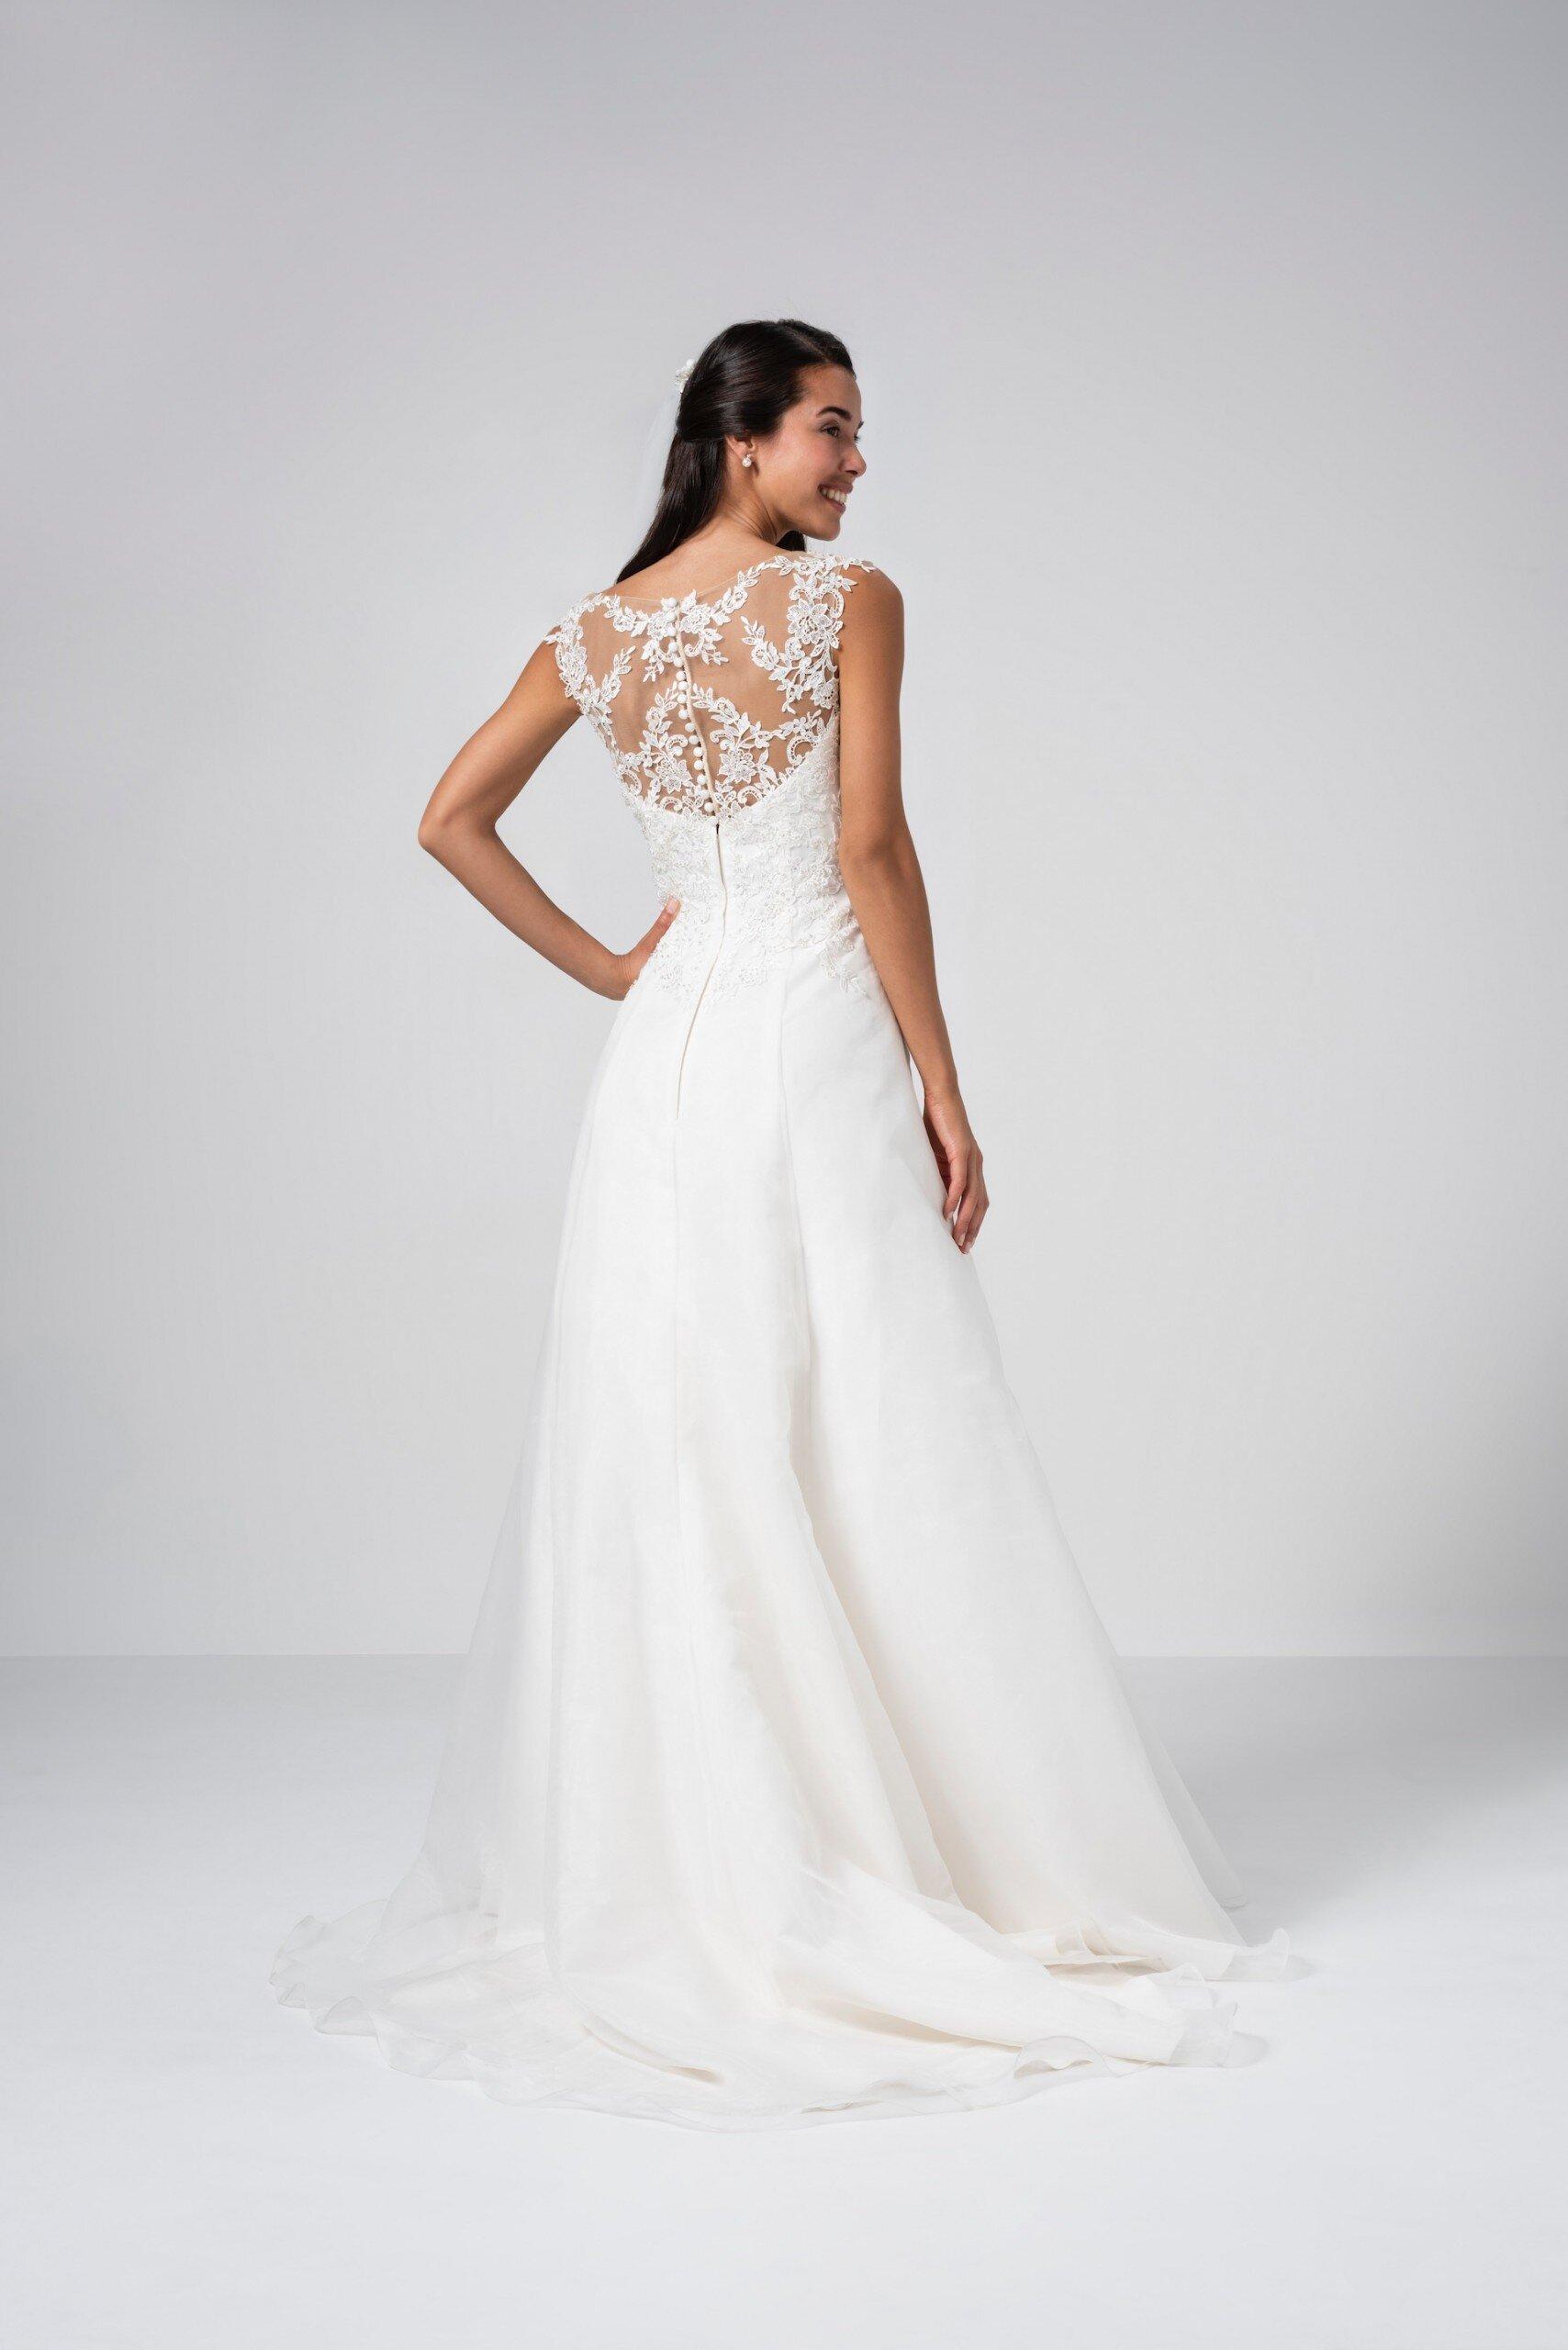 Brautkleid in A-Linie mit Illusion-Ausschnitt, bestickter Spitze und Drapierungen von Weise Be The One, Modell 337722